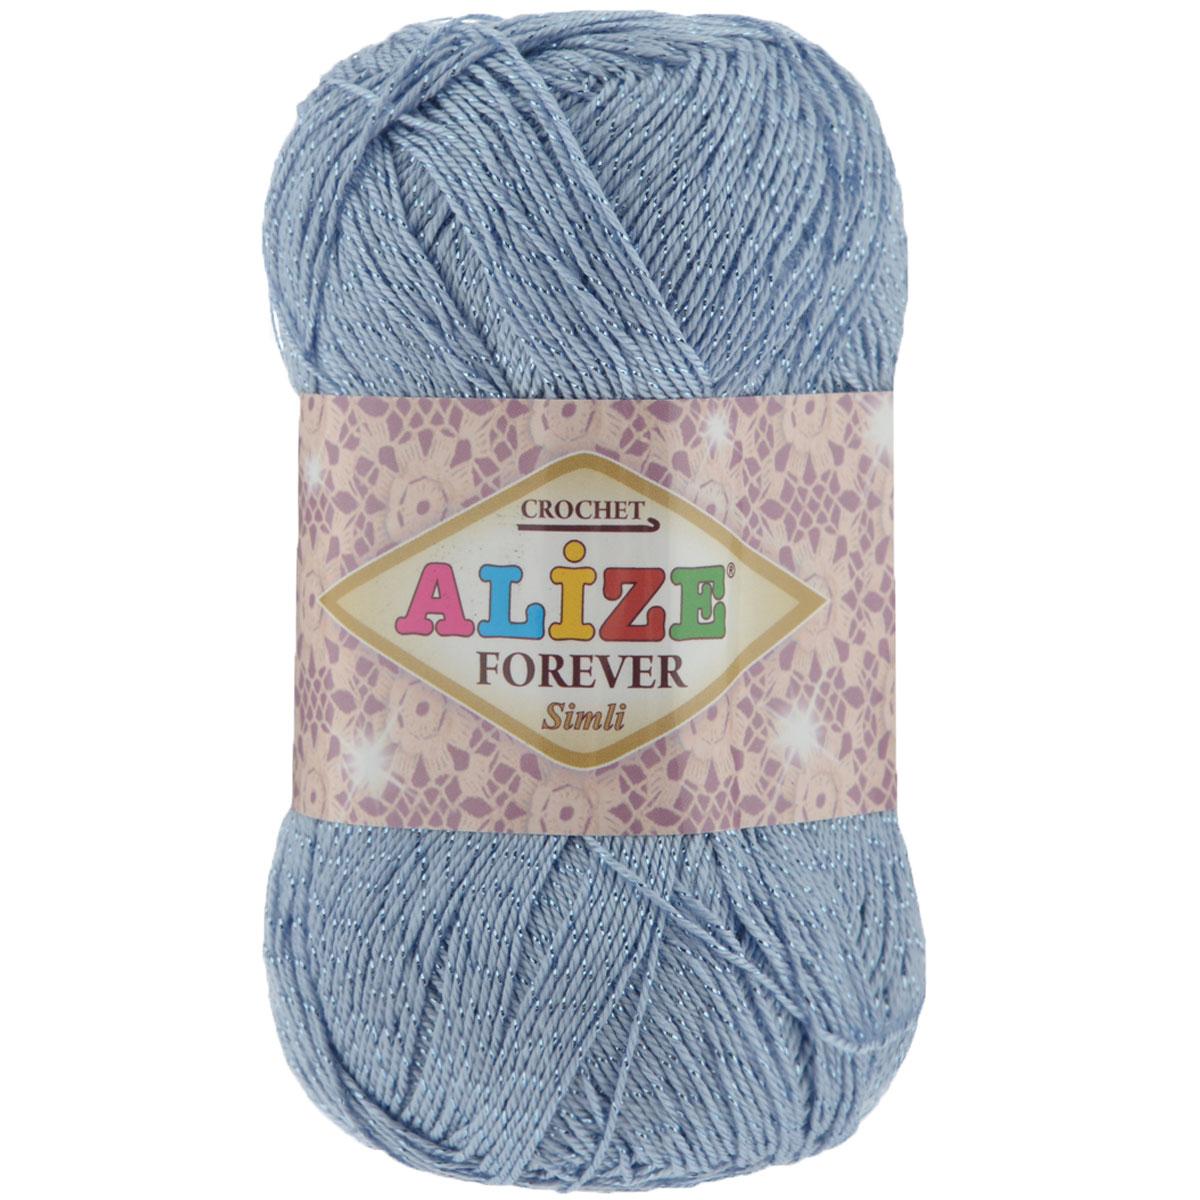 Пряжа для вязания Alize Forever simli, цвет: голубой (40), 280 м, 50 г, 5 шт697549_40Пряжа для вязания Alize Forever simli- это тщательно обработанная акриловая пряжа, которая приобретает вид мерсеризованной нити. Красивая классическая пряжа с люрексом, прочная, мягкая и шелковистая. Люрекс, предаст вашему изделию индивидуальность и яркость. Благодаря удачно подобранной тон в тон блестящей нити, создается впечатление, что пряжа светится изнутри. Пряжа Alize Forever simli предназначена для вязания летних и весенних вещей и прекрасно подойдет как для спиц, так и для крючка. Пряжа прекрасно подойдет для вязания нарядных топов, ажурных кофточек, платьев и костюмов, а также для отделки изделий. Рекомендованные спицы № 2-3,5, крючок № 0,75-1,5. Состав: 96% акрил, 4% люрекс.